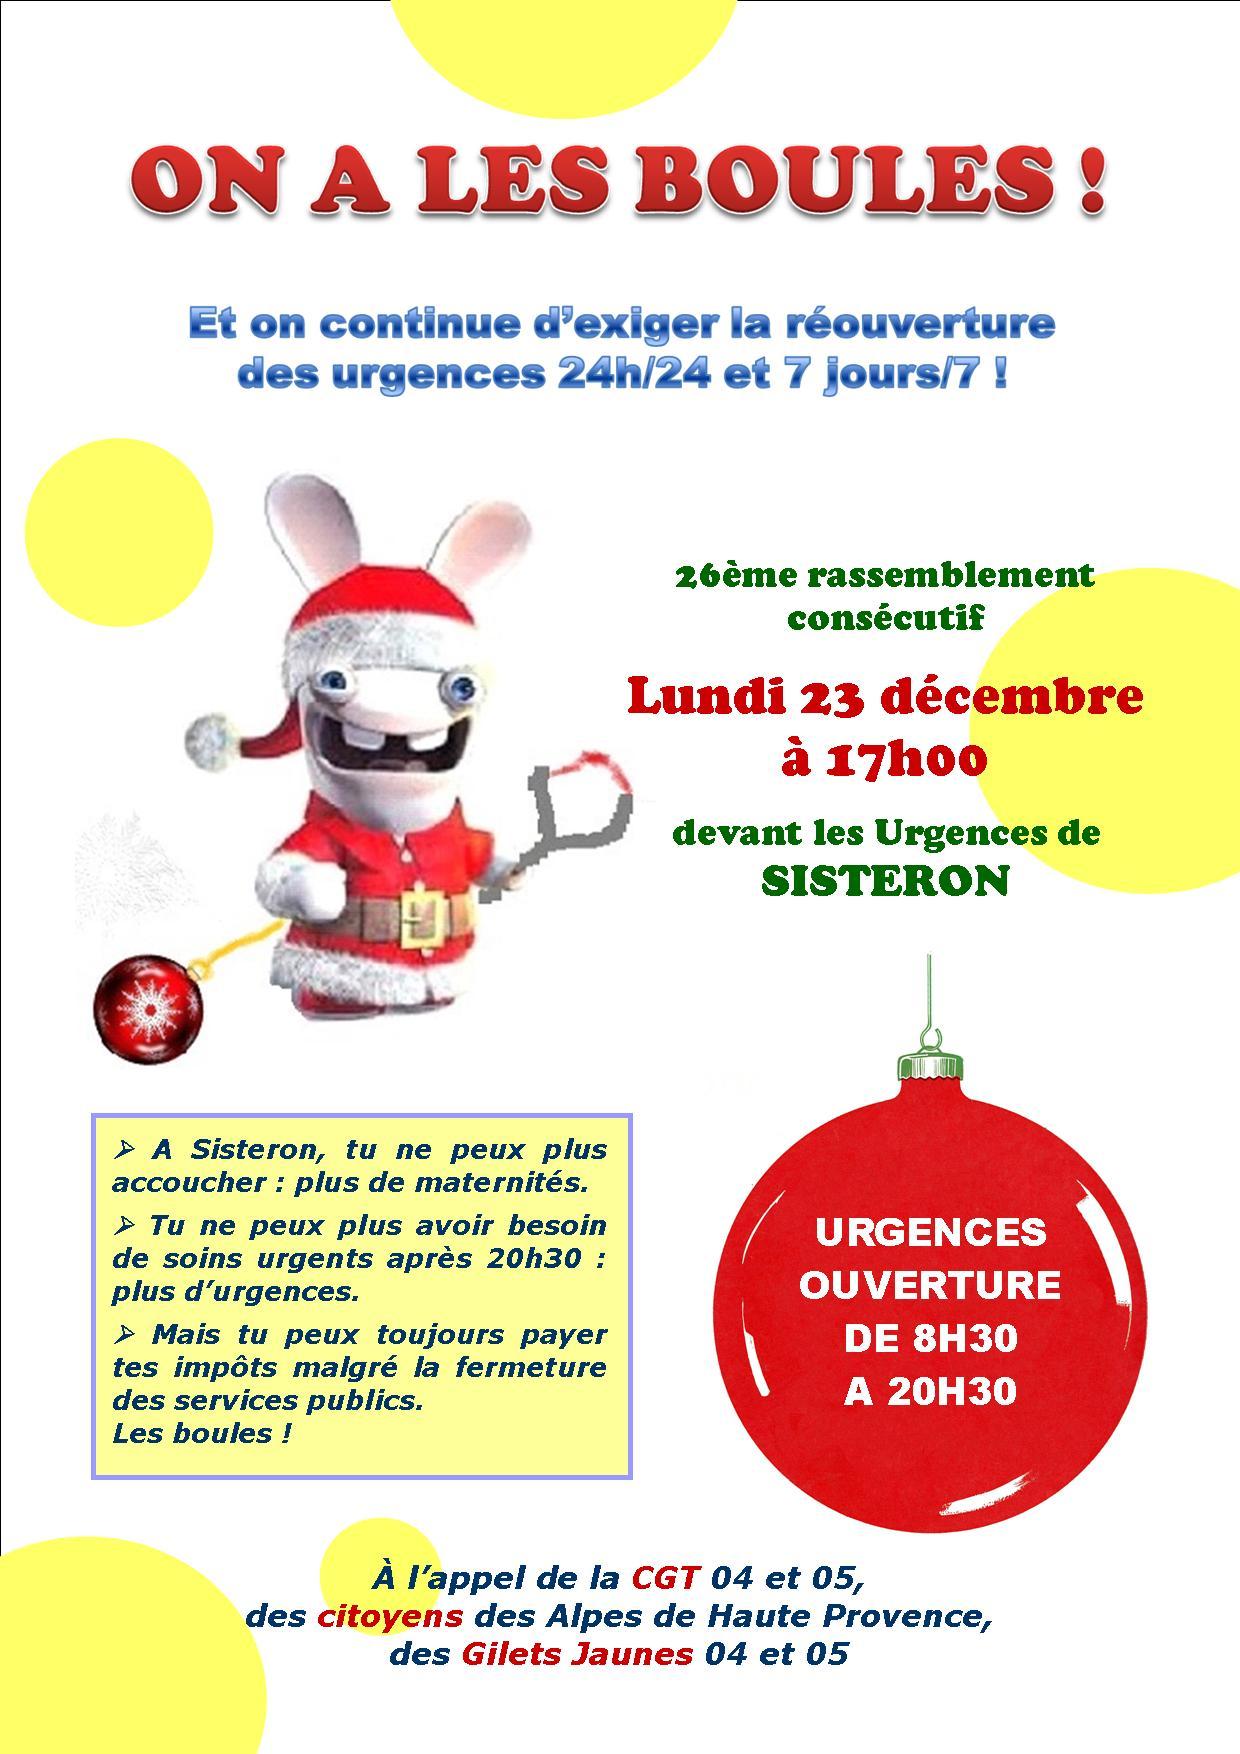 On a les boules aux Urgences de Sisteron